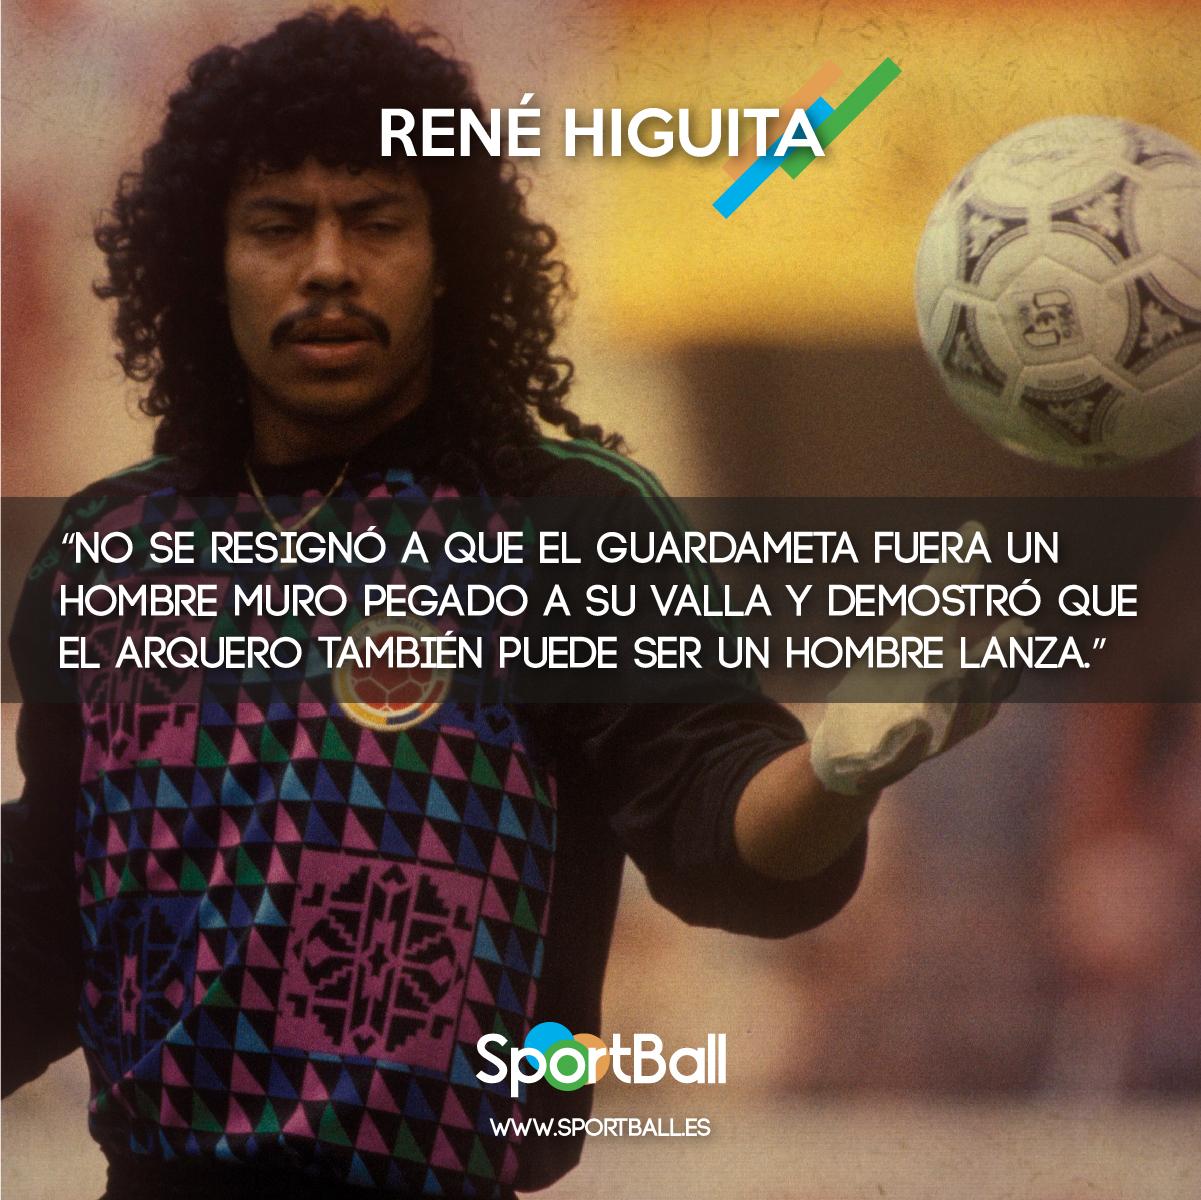 Así describió Eduardo Galeano a René Higuita.